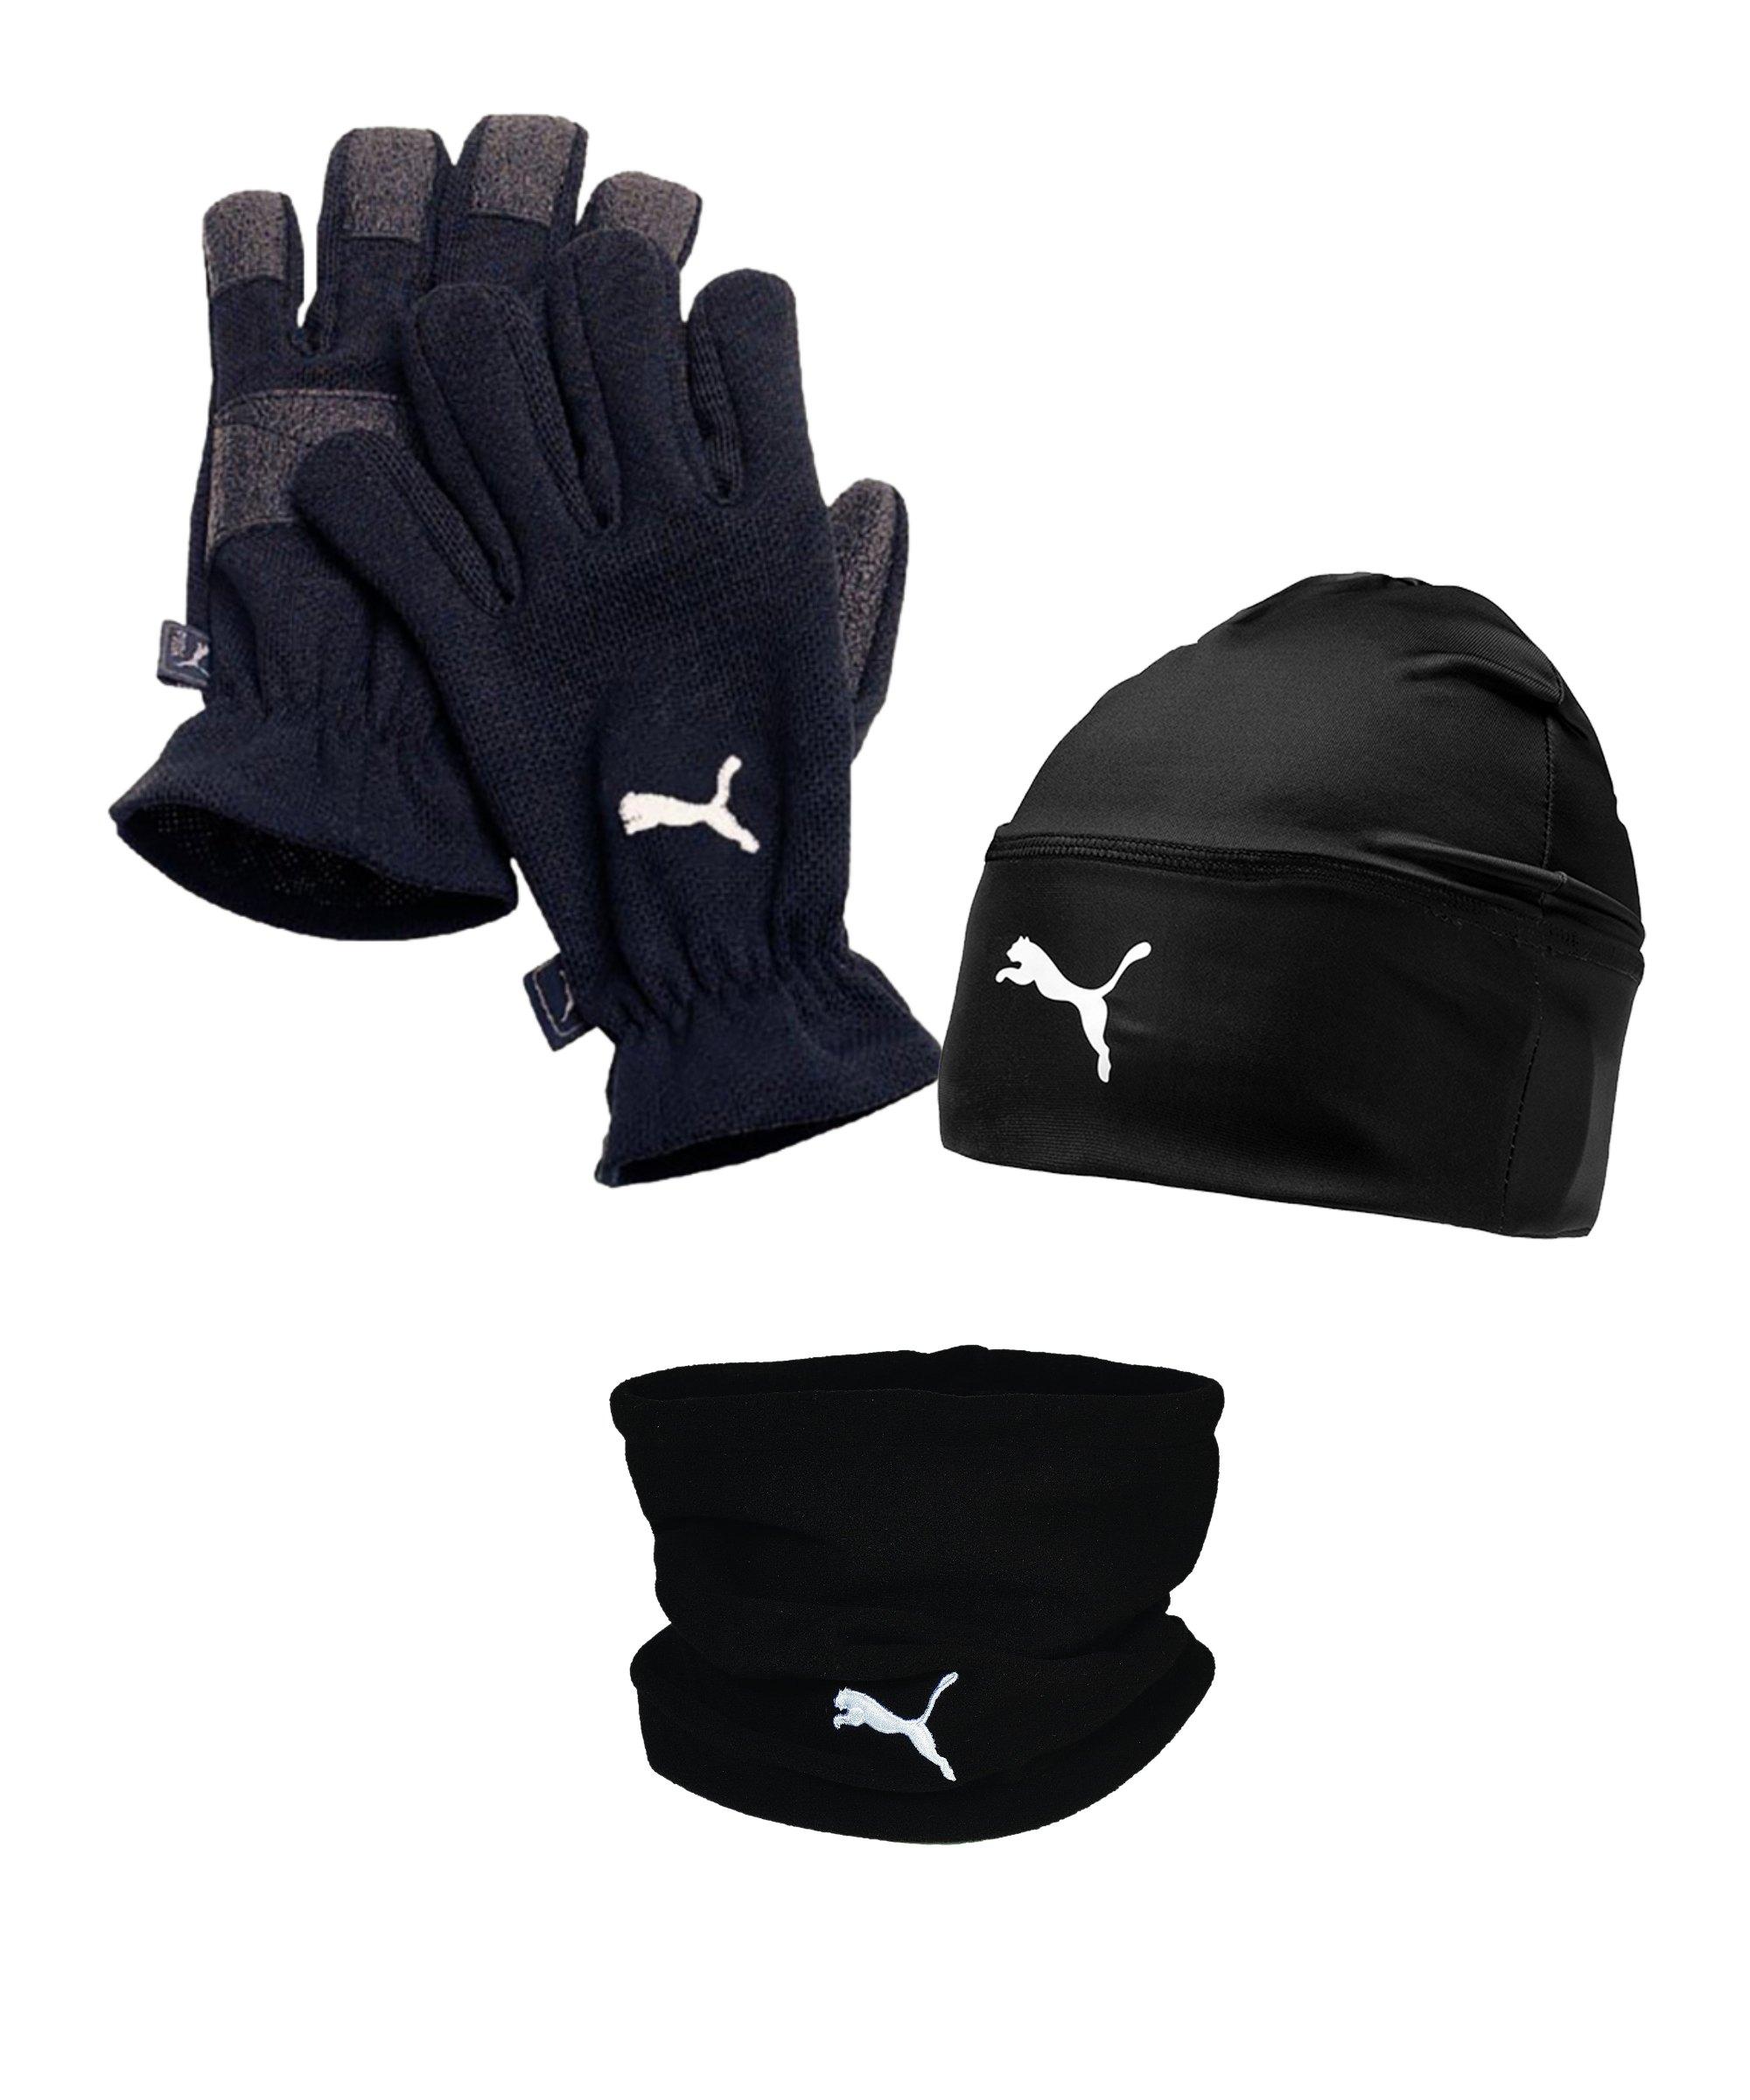 PUMA 3er Winter Set Handschuh + Beanie + Neckwarmer Schwarz - schwarz